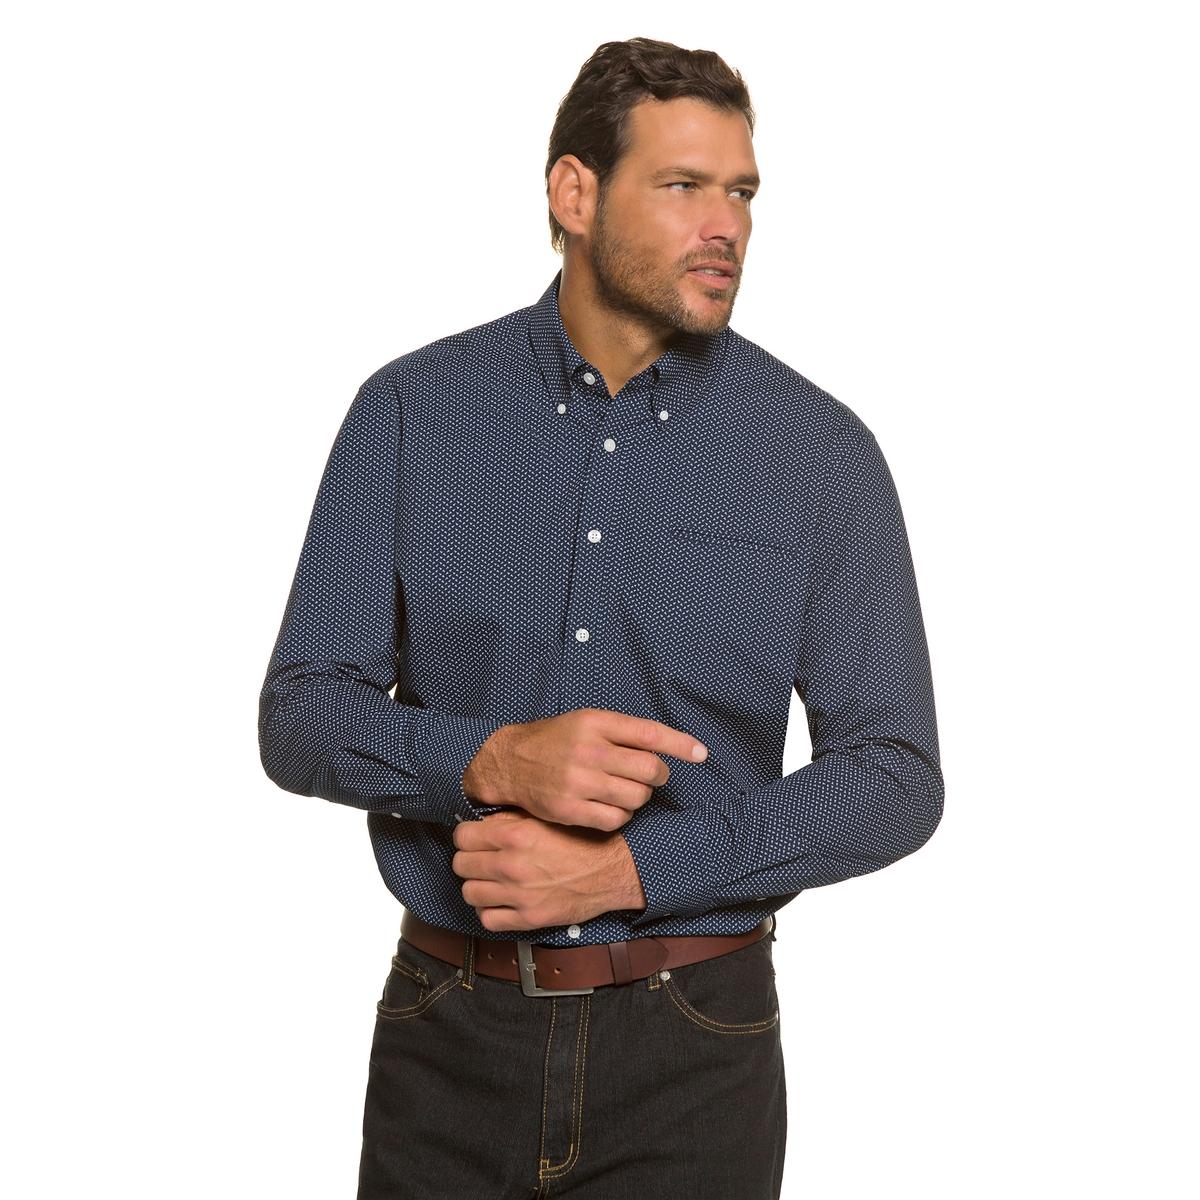 РубашкаРубашка с модным микро принтом и воротником с кончиками на пуговицах . Облегающий покрой позволяет носить рубашку в свободном стиле поверх брюк . Длина в зависимости от размера ок. 78-94 см.<br><br>Цвет: наб. рисунок<br>Размер: 6XL